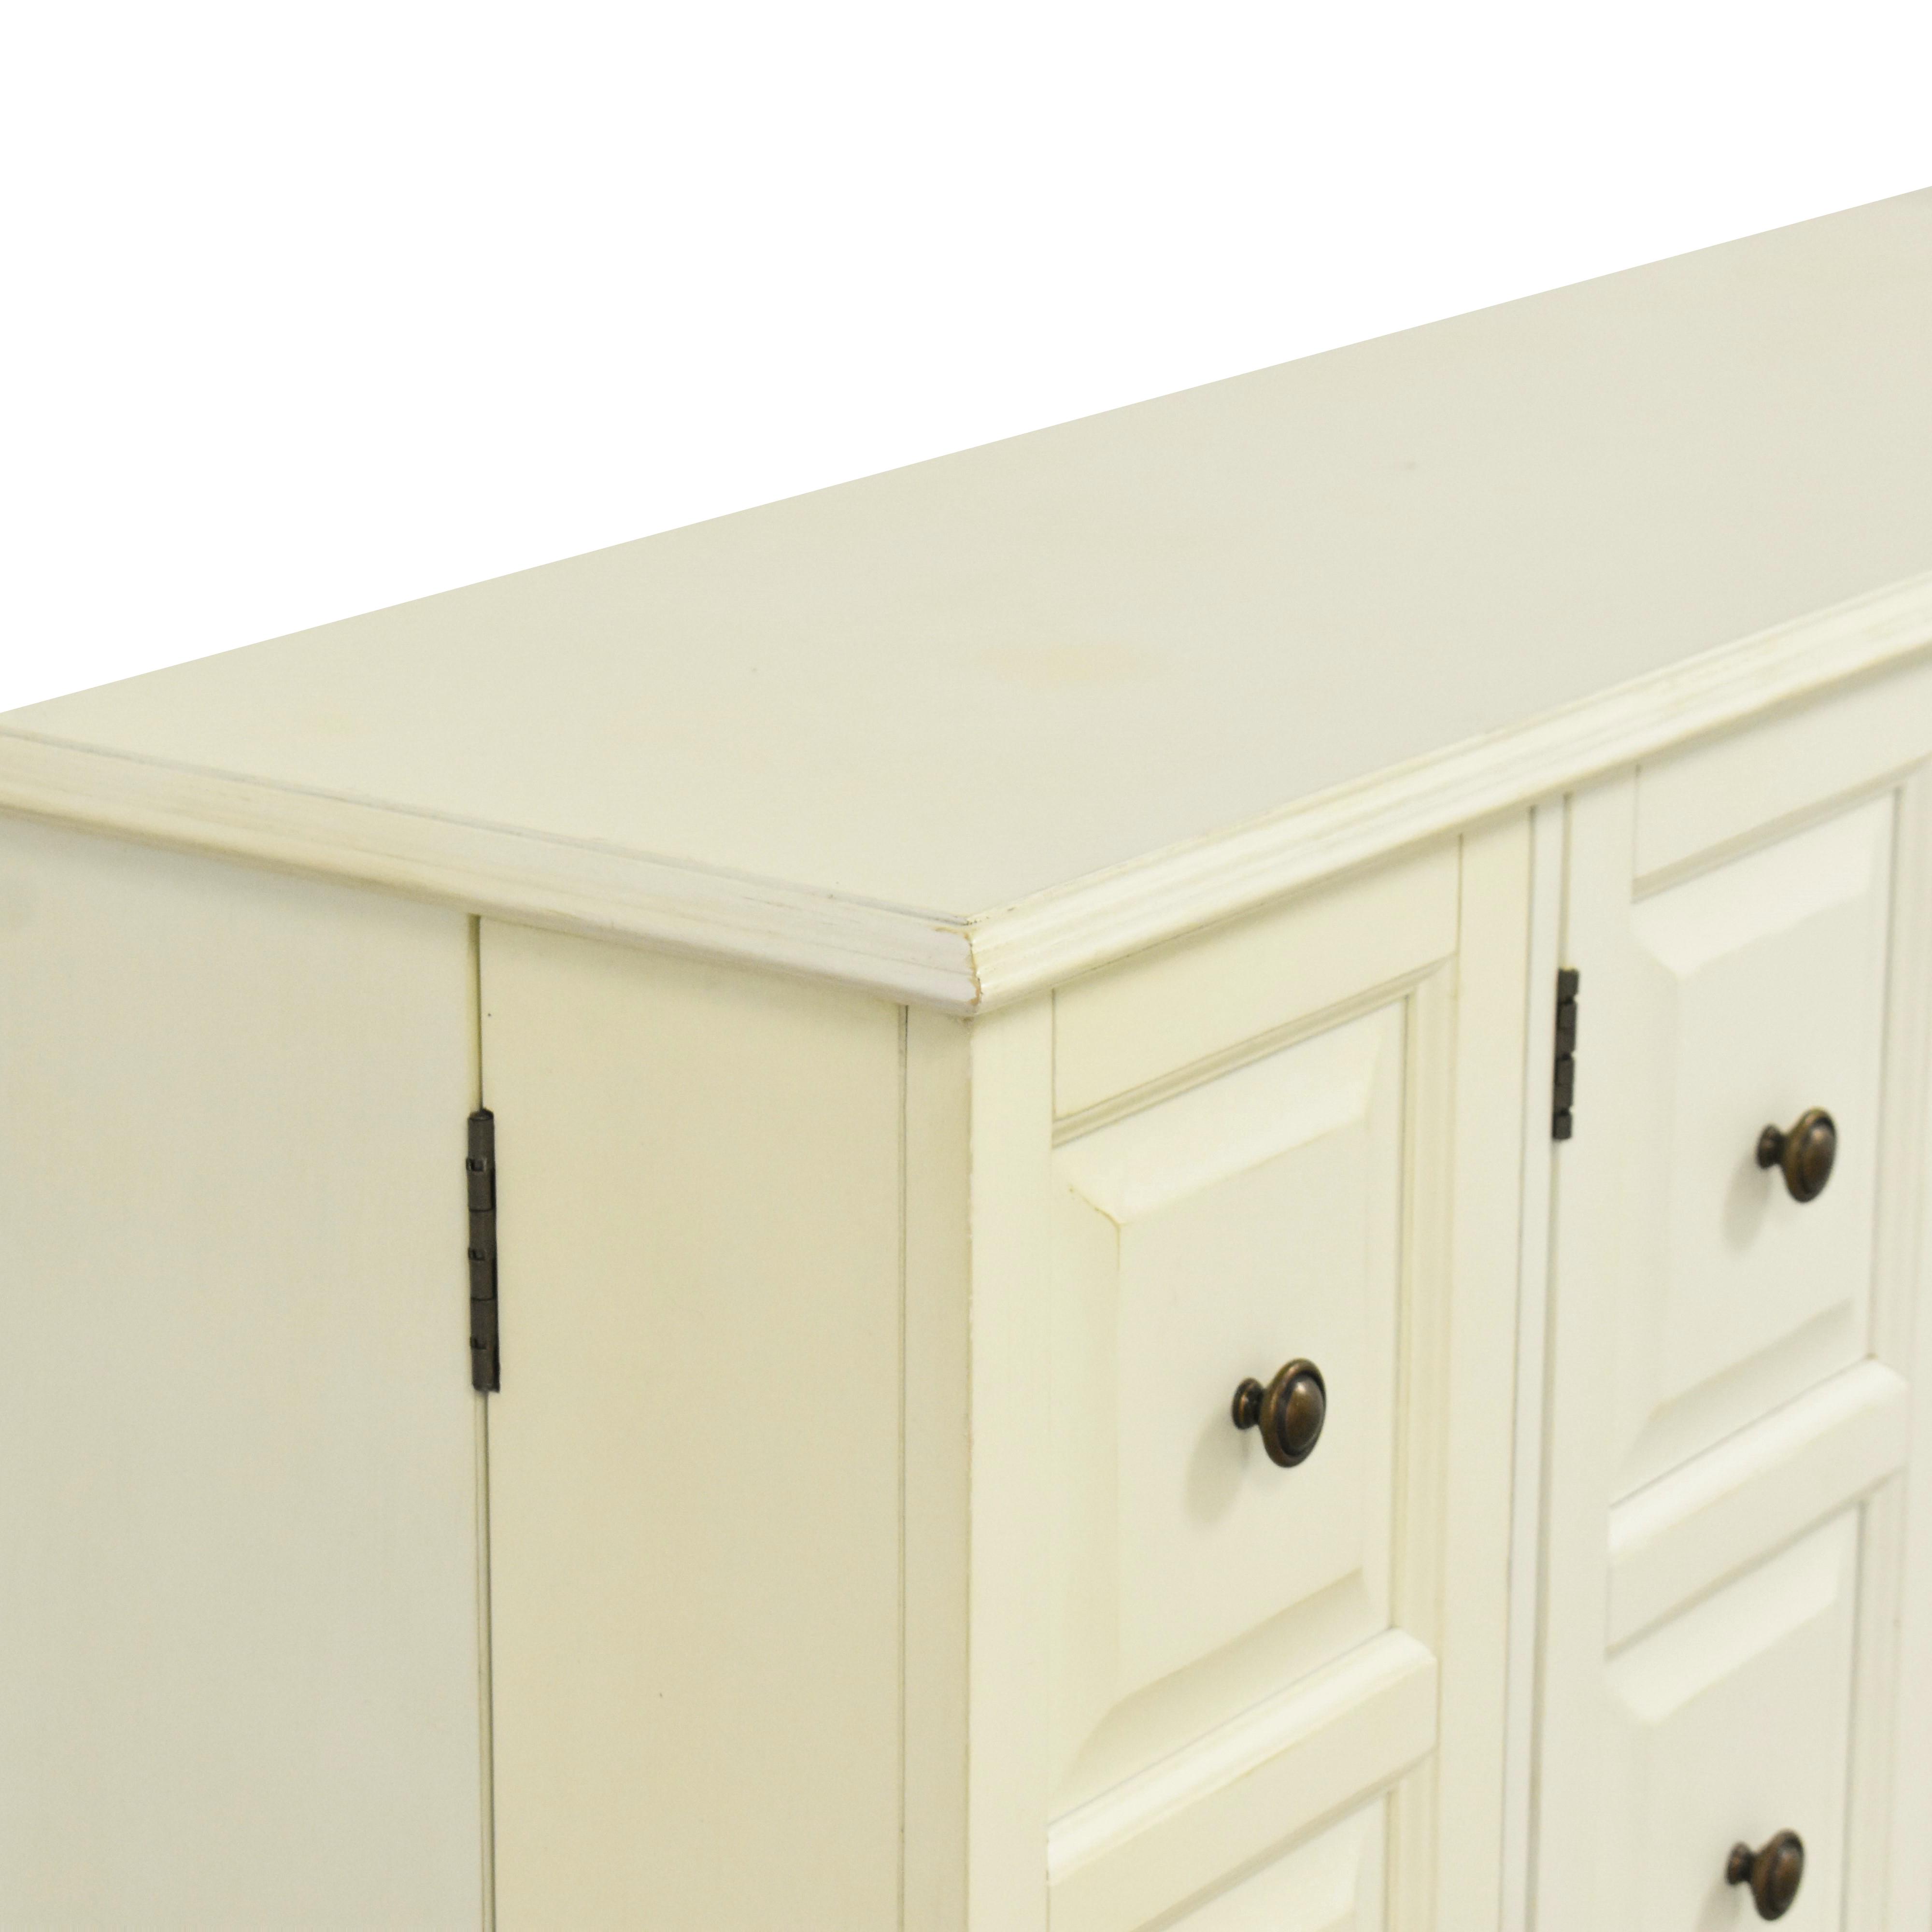 Ballard Designs Ballard Designs Accent Cabinet price